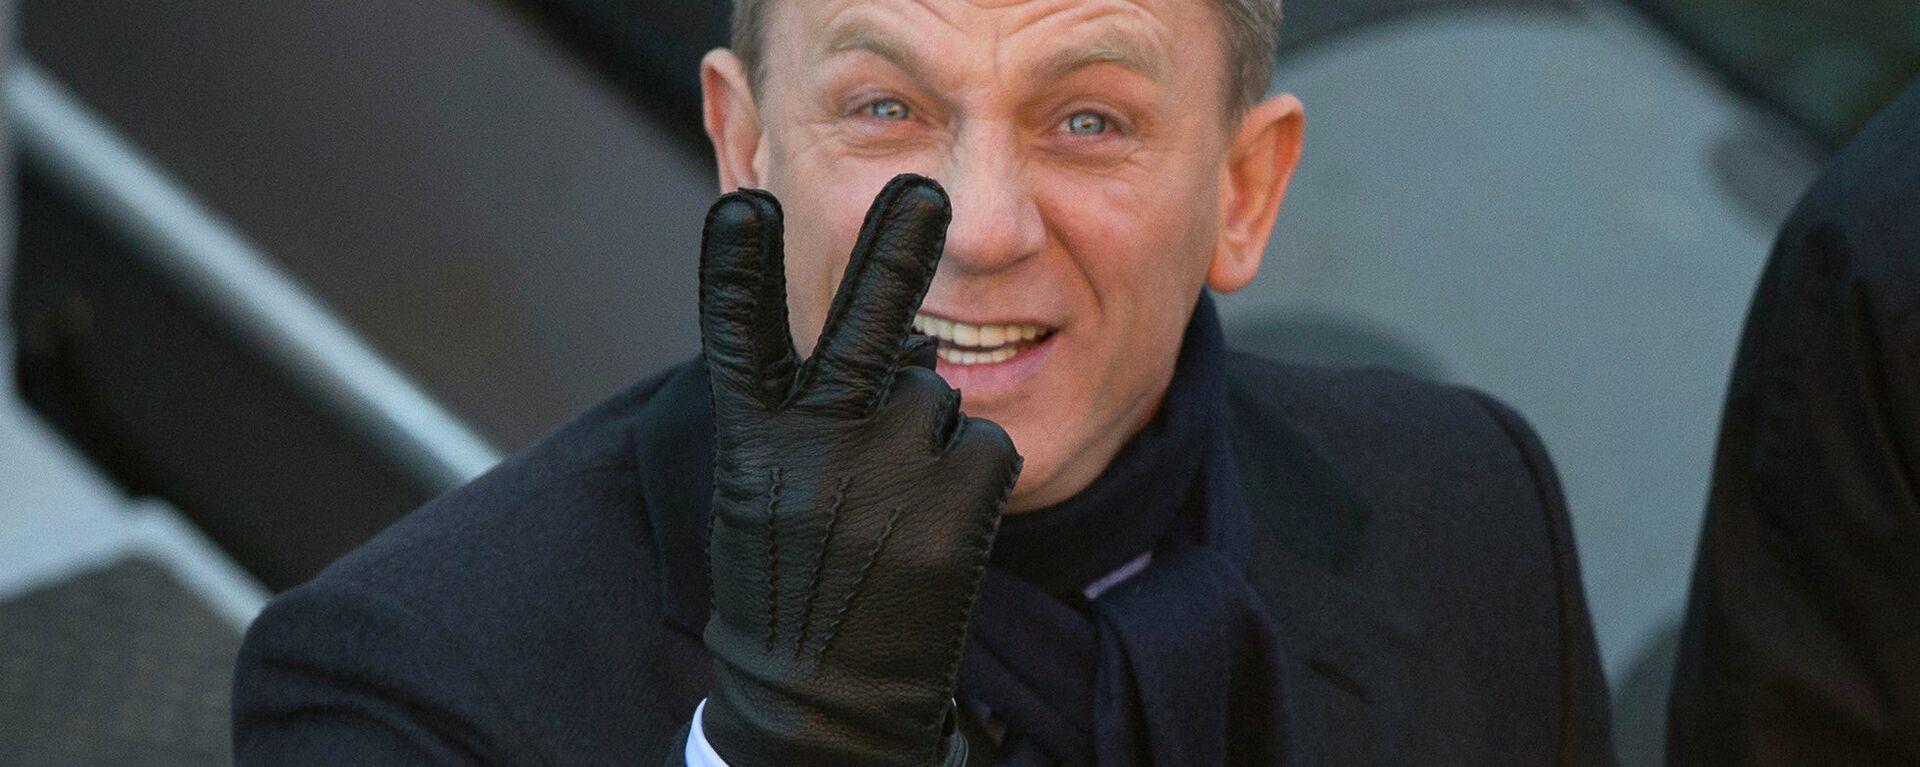 Actor Daniel Craig  - Sputnik Italia, 1920, 19.08.2021